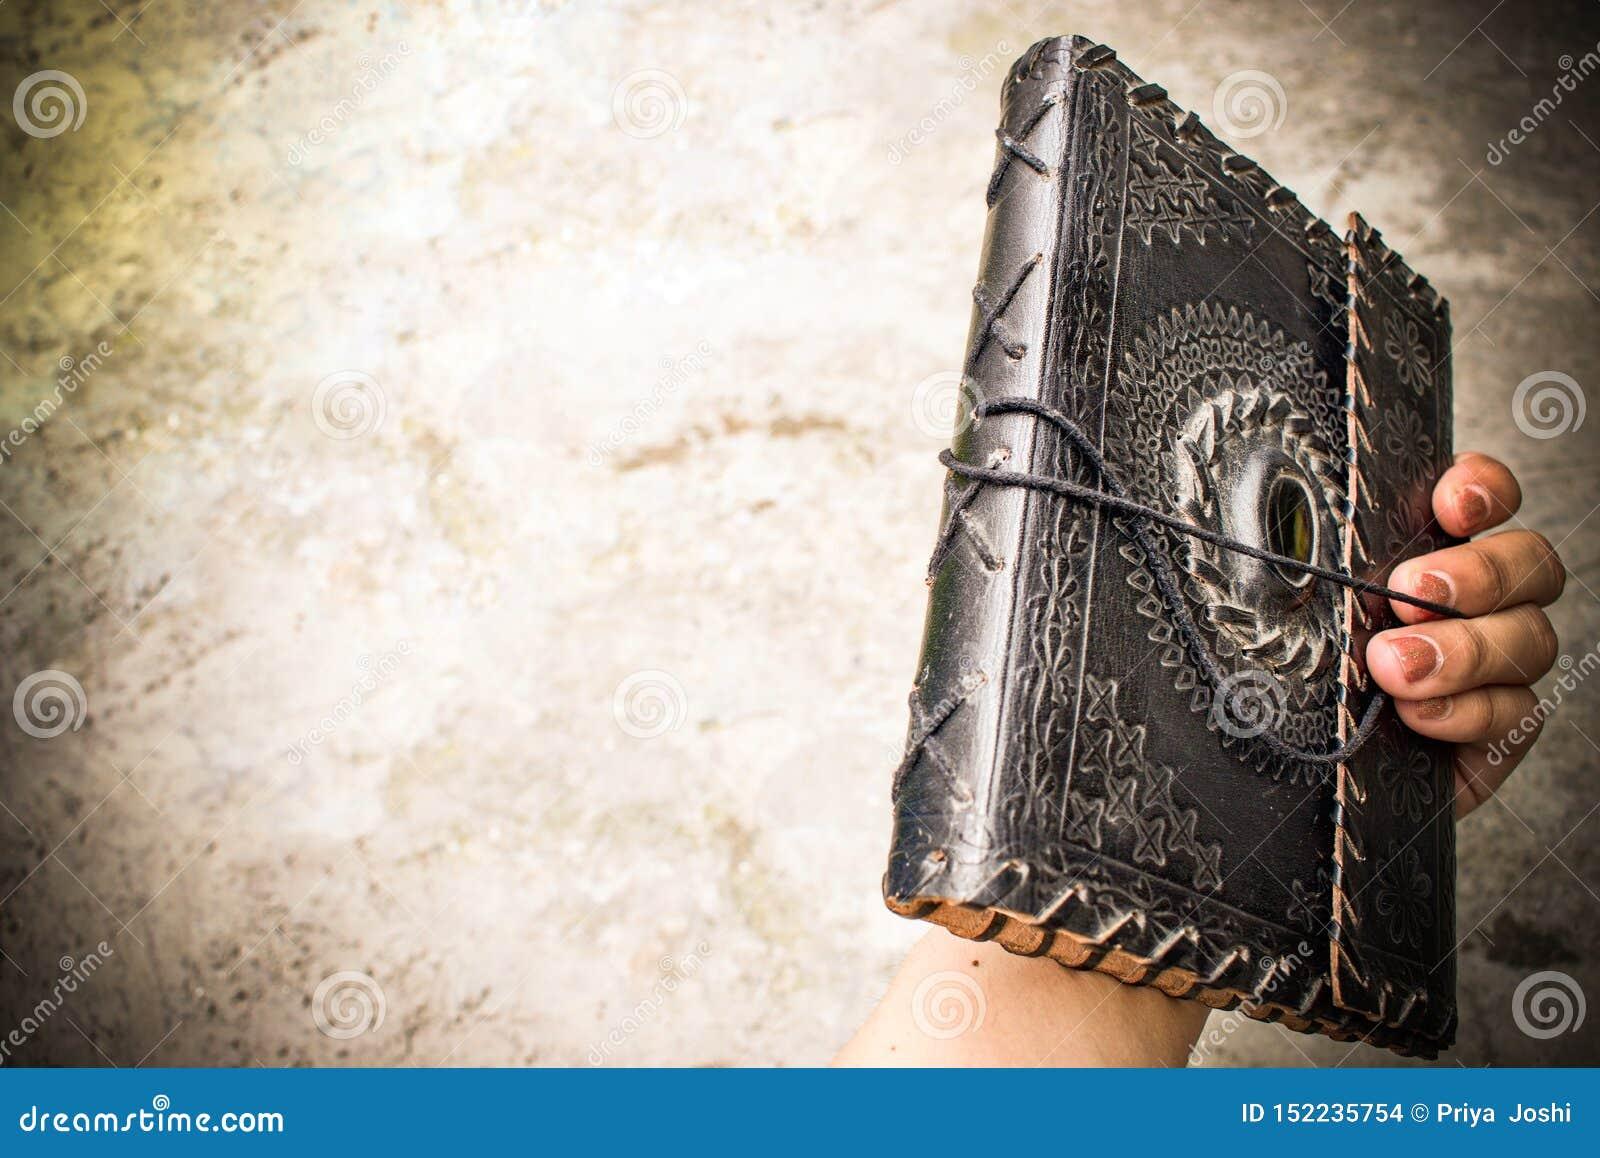 Livro encadernado de couro velho antigo no ósmio da mão uma mulher